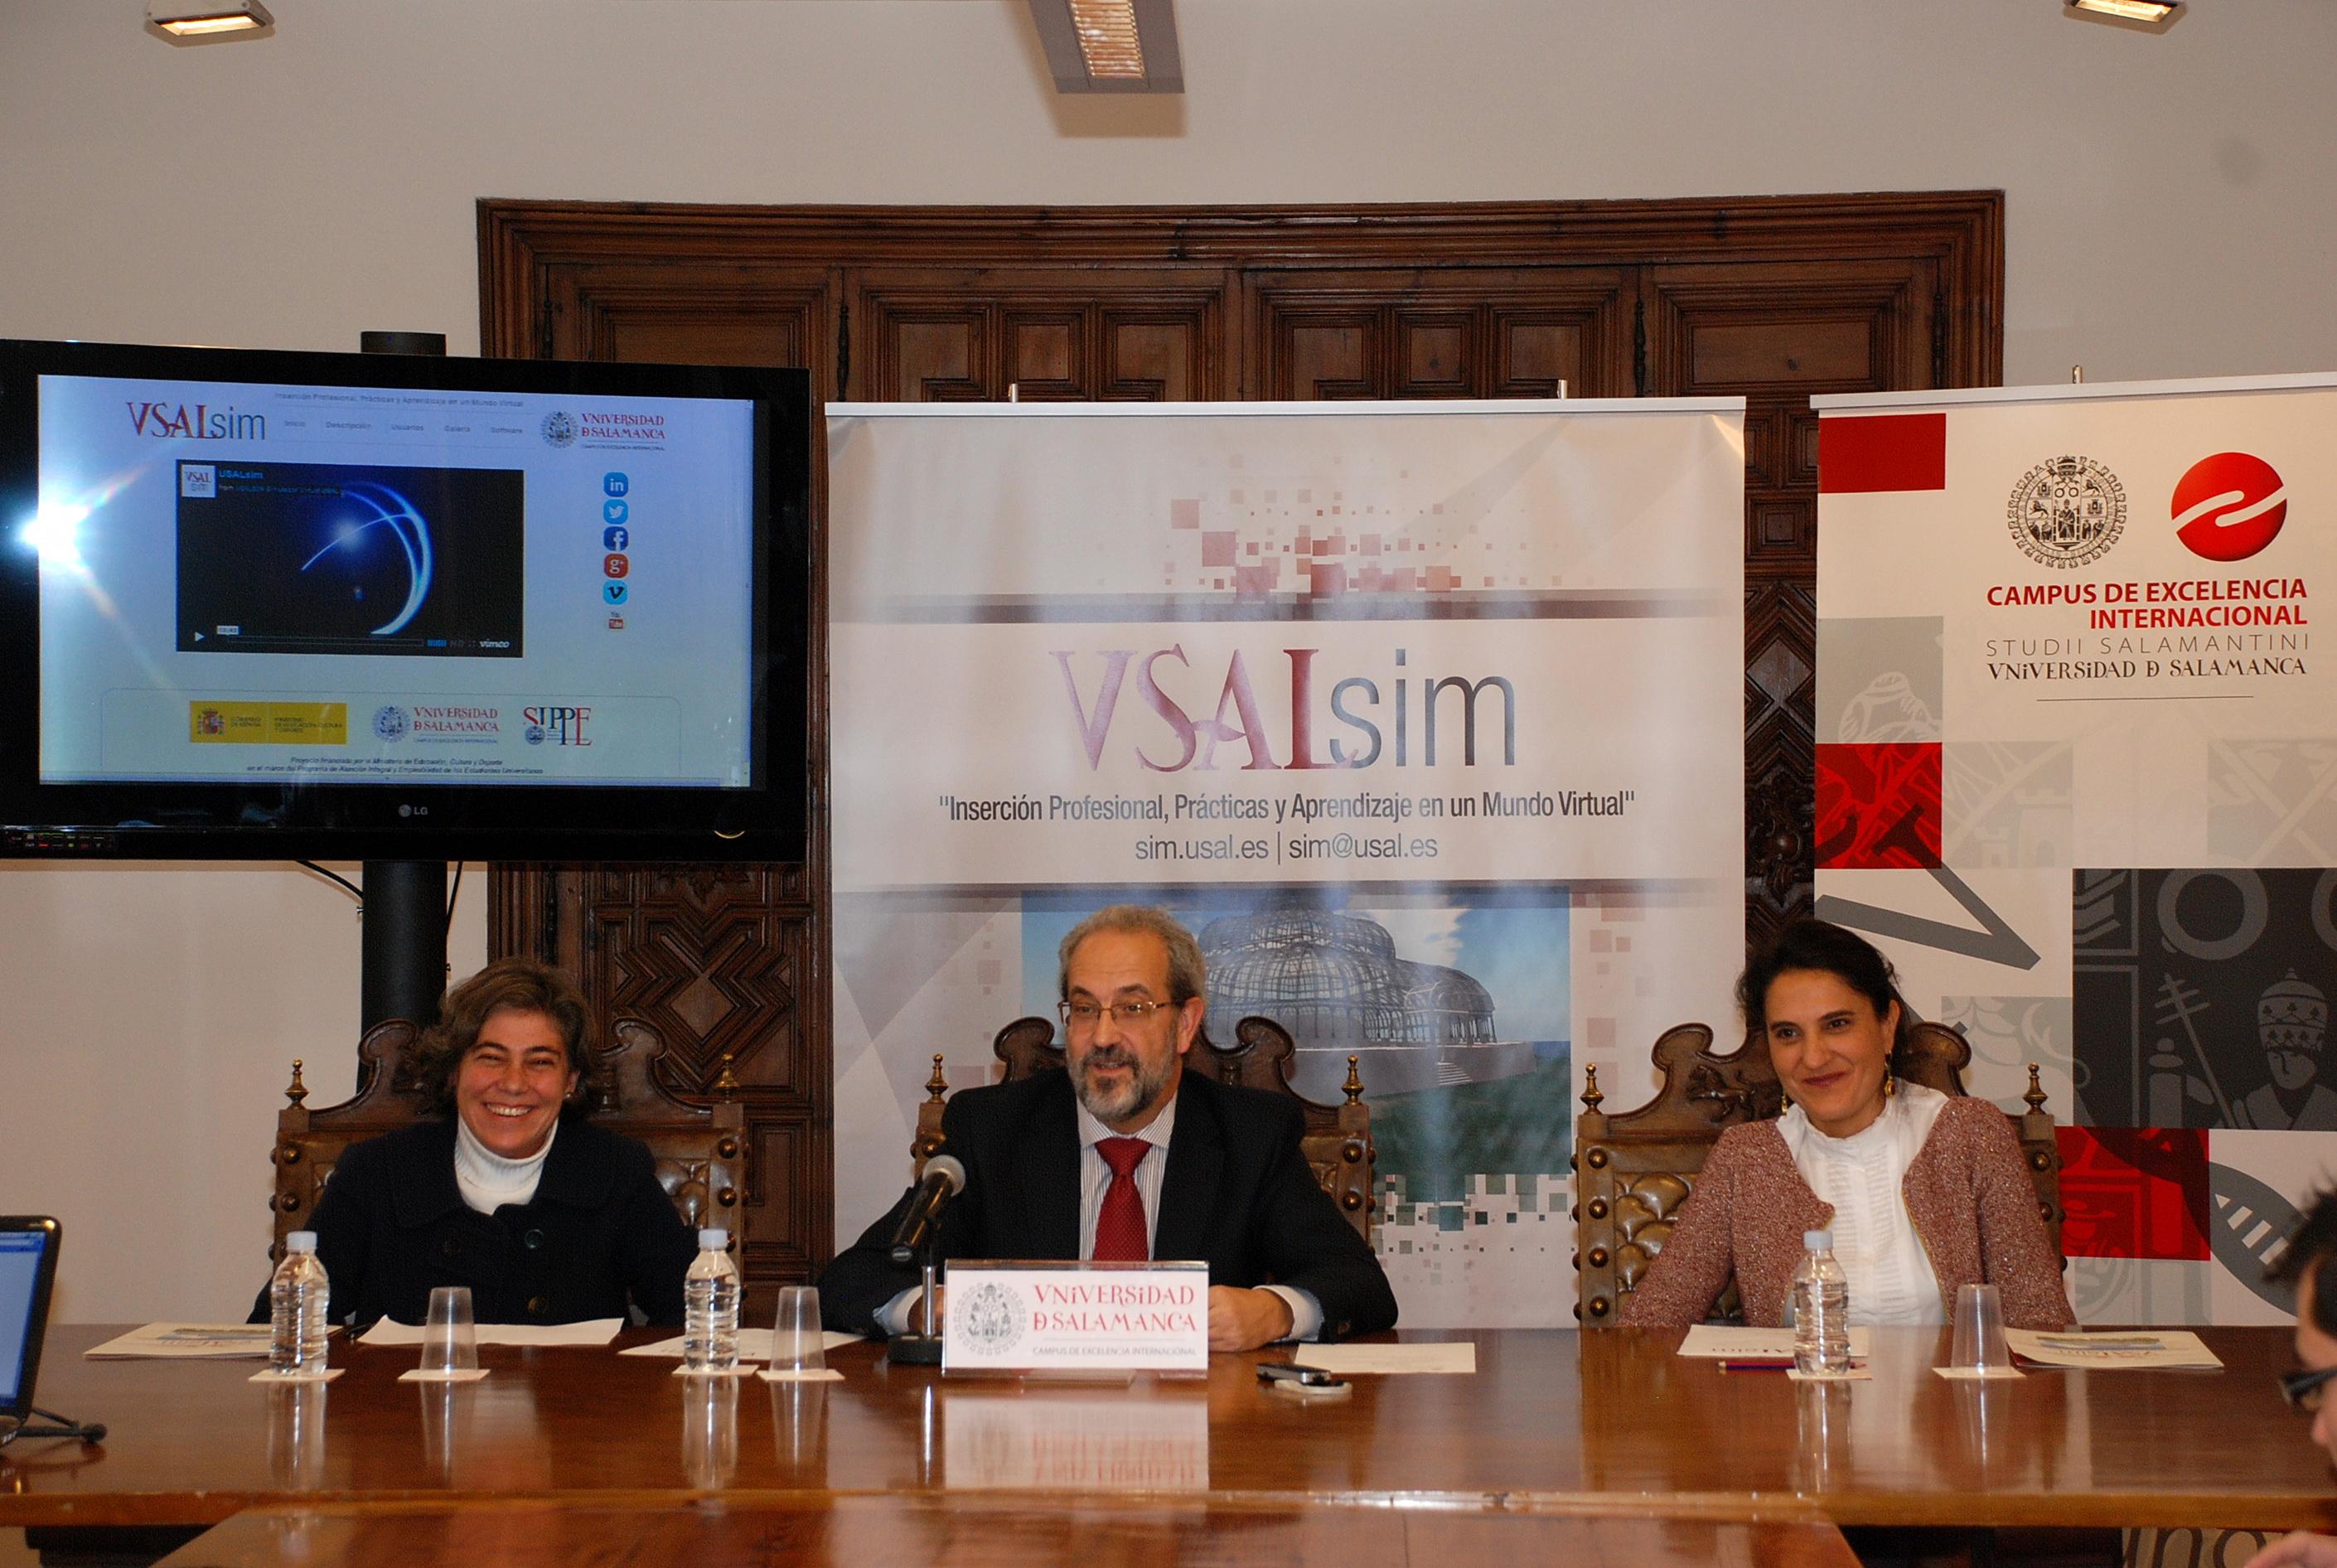 La Universidad de Salamanca presenta el Campus Virtual de Prácticas para estudiantes universitarios